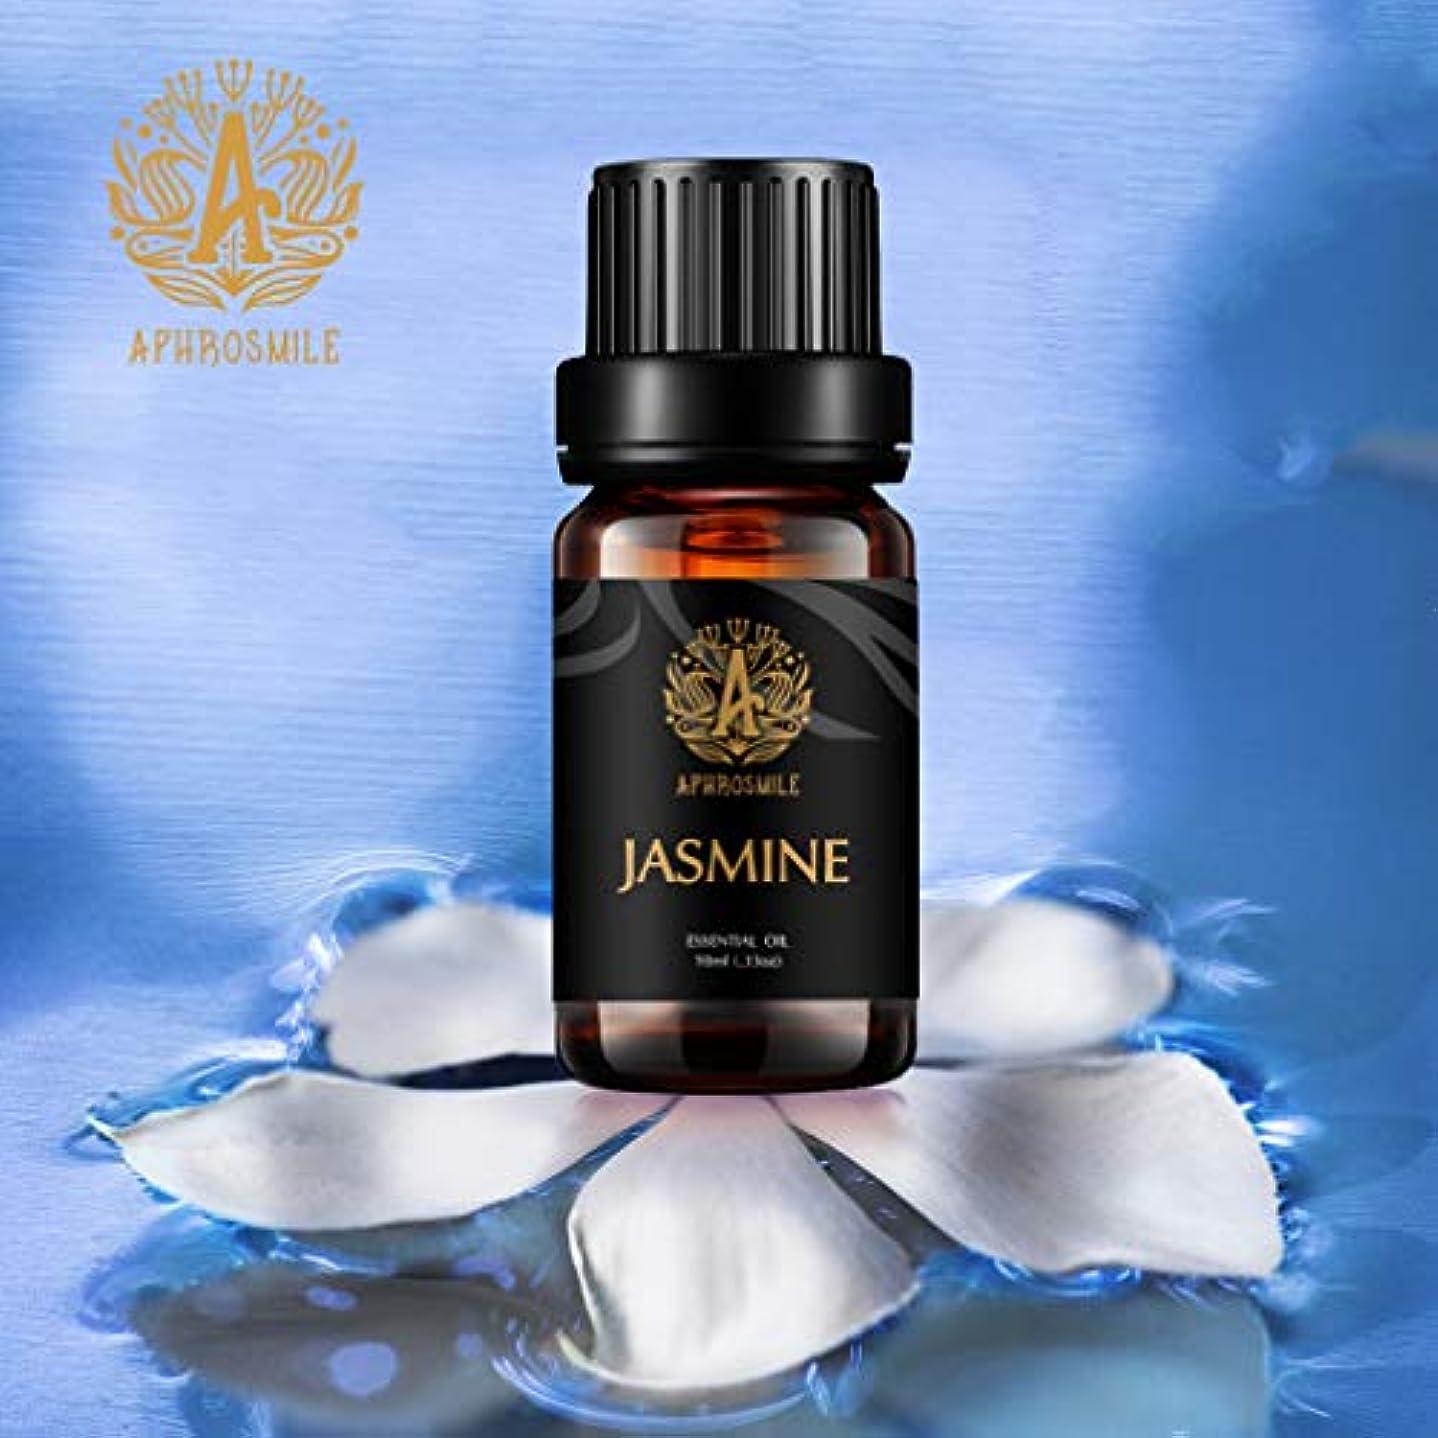 ルアーメロドラマティック年金受給者ジャスミンエッセンシャルオイル、100%純粋なアロマセラピーエッセンシャルオイルジャスミンの香りと甘い花の香り、治療上の等級の精油のジャスミンの芳香為に拡散器、マッサージ、加湿器、毎日の心配、0.33オンス-10ml